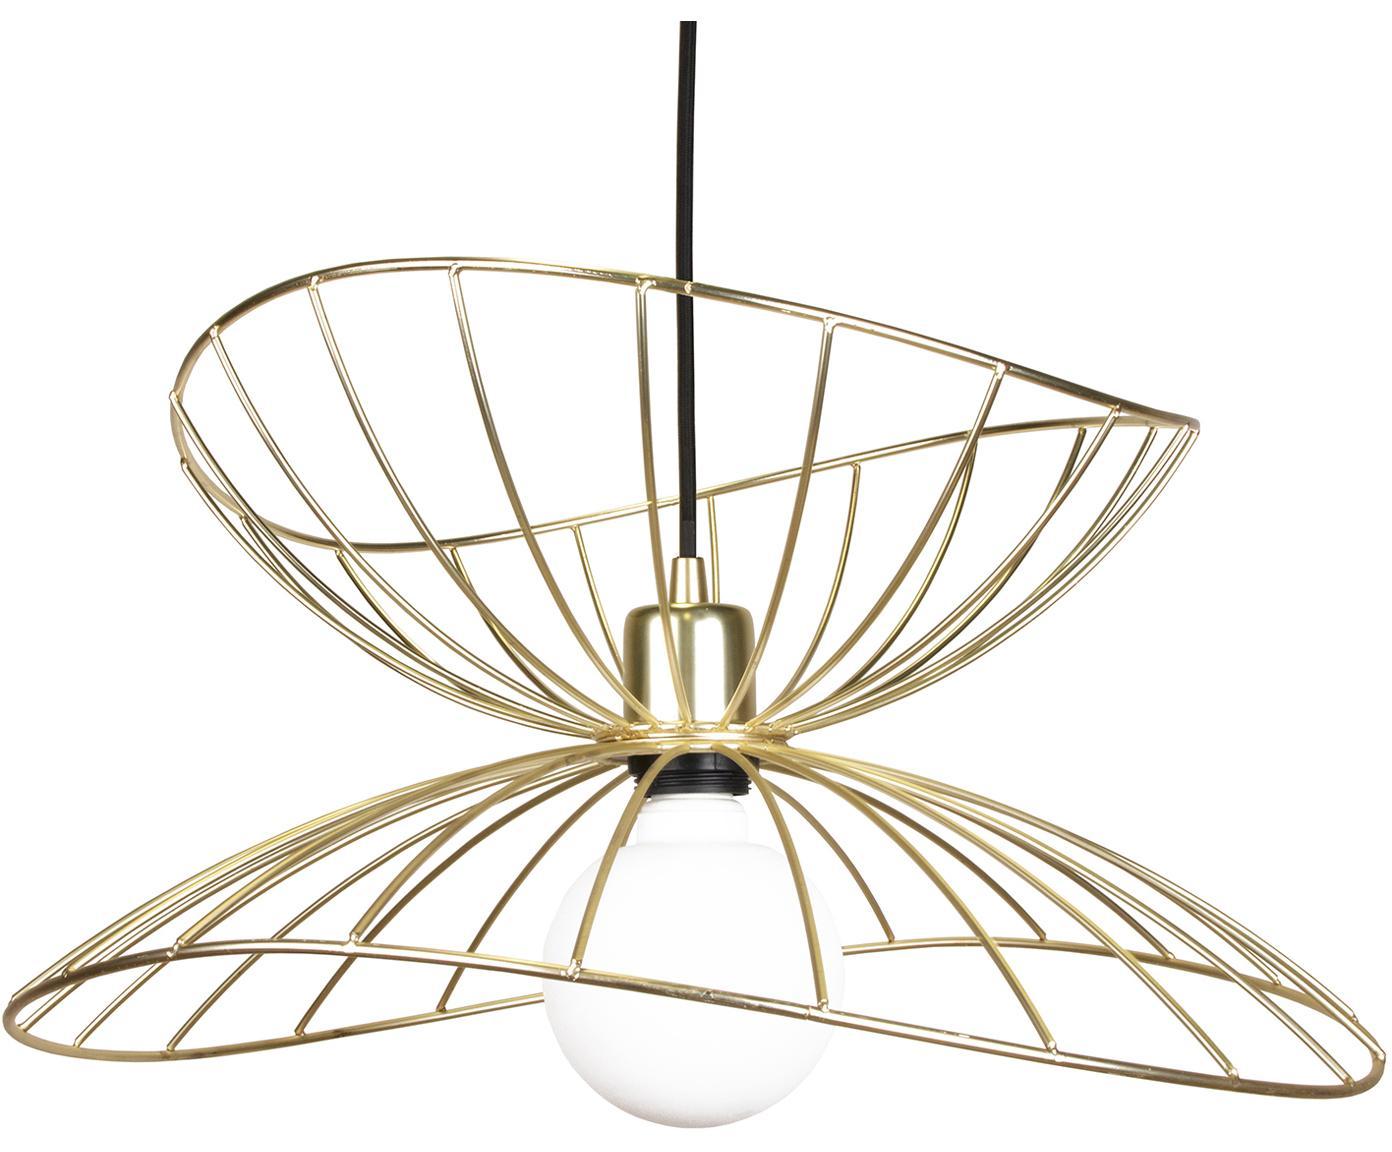 Lampada a sospensione Ray, Metallo, Ottonato spazzolato, Ø 45 x Alt. 25 cm